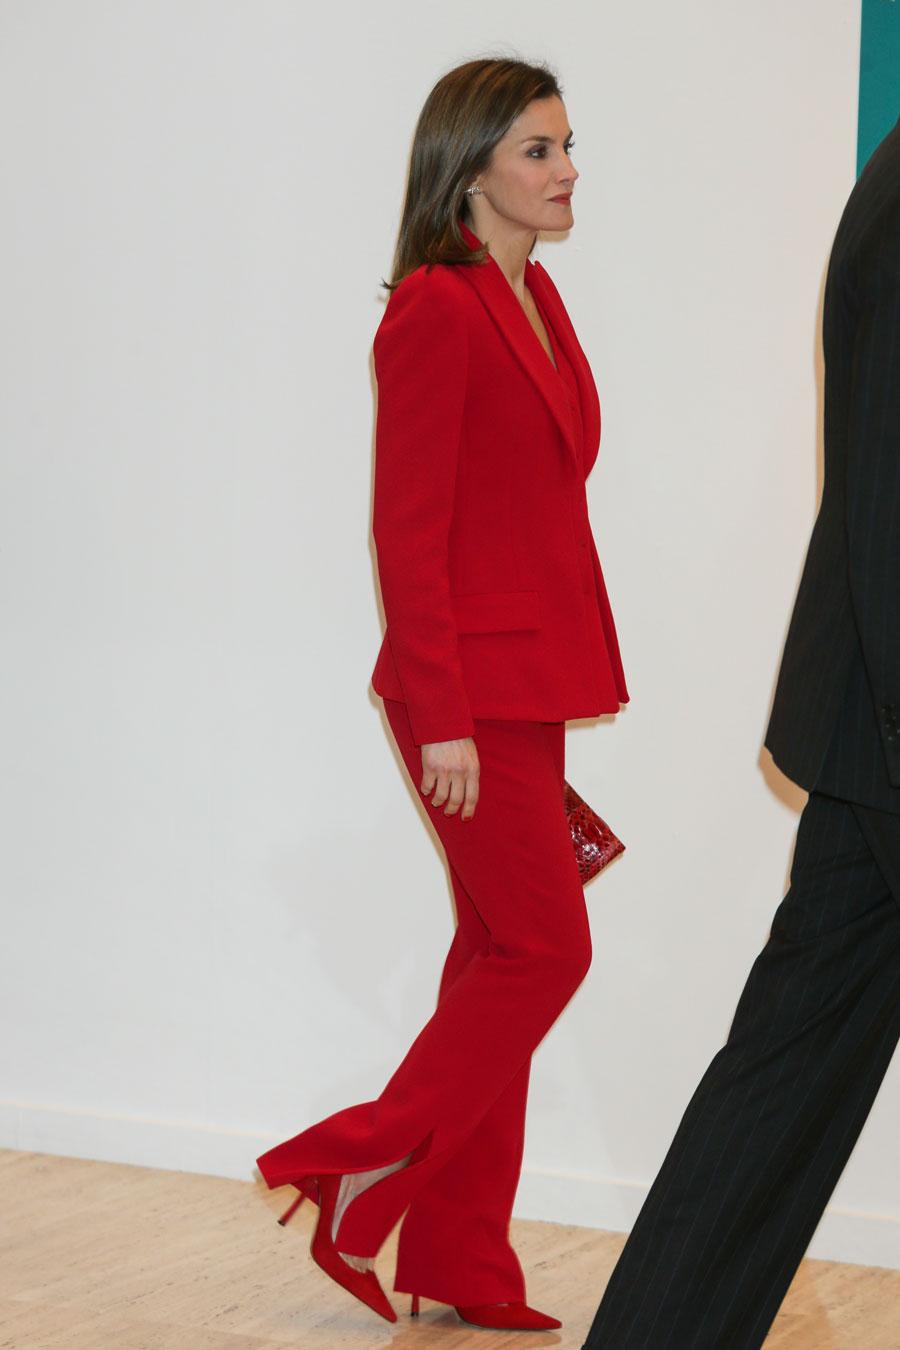 Tener cuidado de En liquidación cómo hacer pedidos Letizia Ortiz estrena traje de chaqueta en su color favorito ...